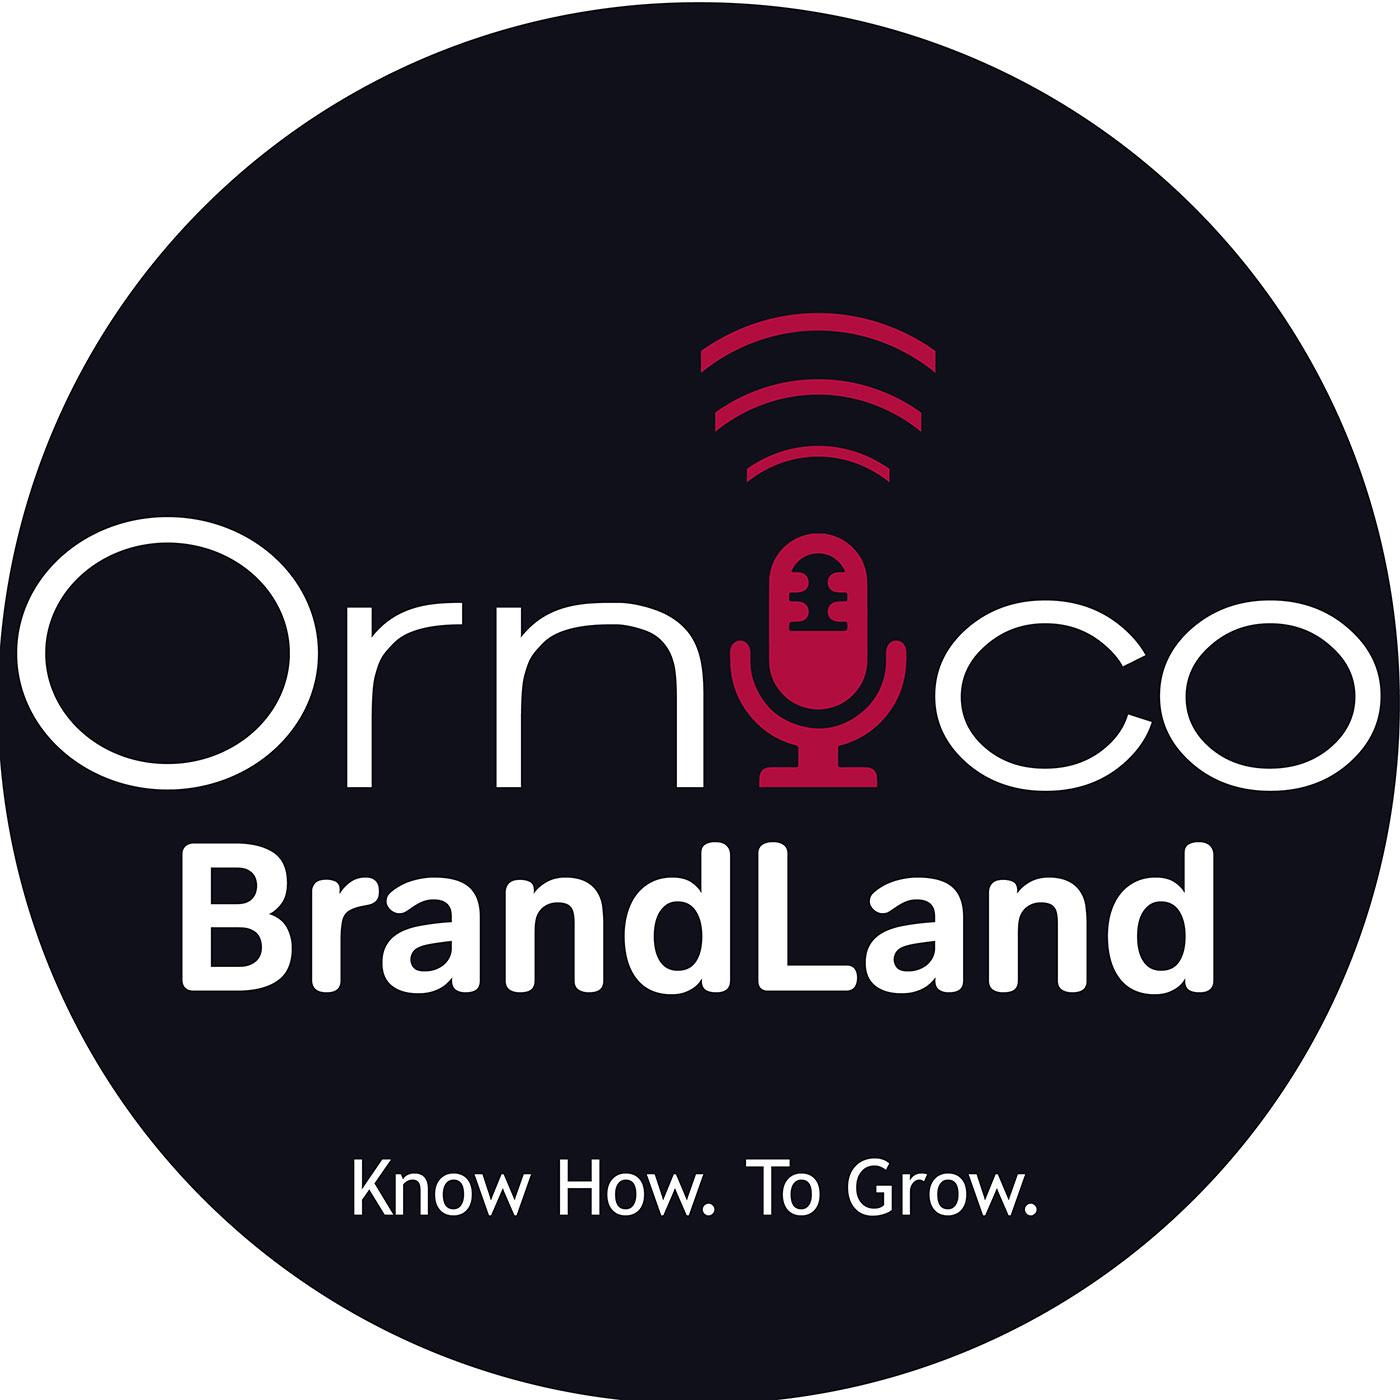 BrandLand - by Ornico